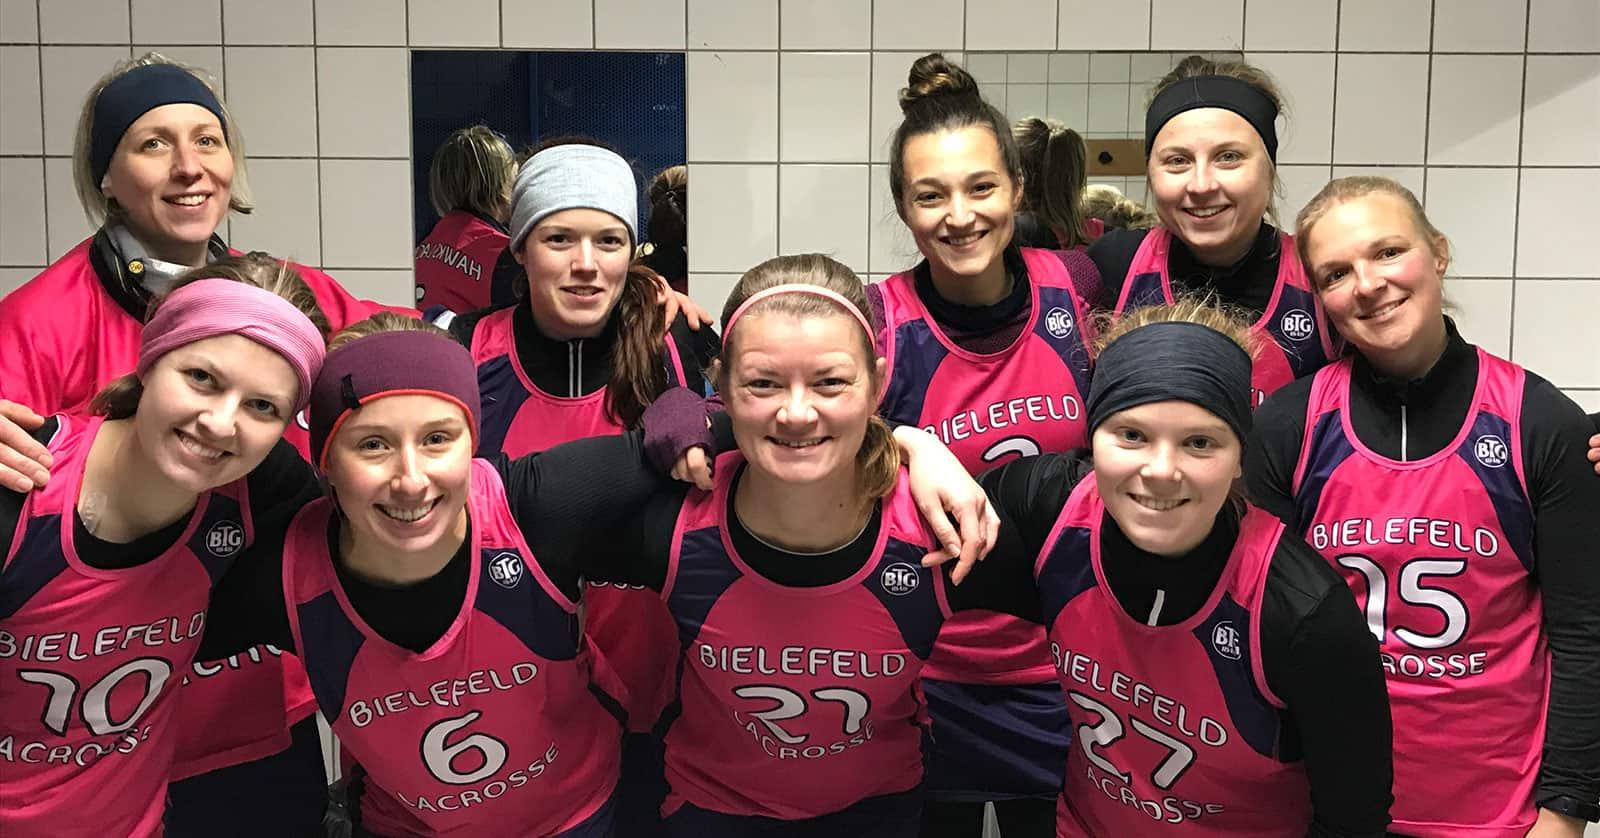 2. Sieg in der Hinrunde für die Lacrosse Damen der BTG